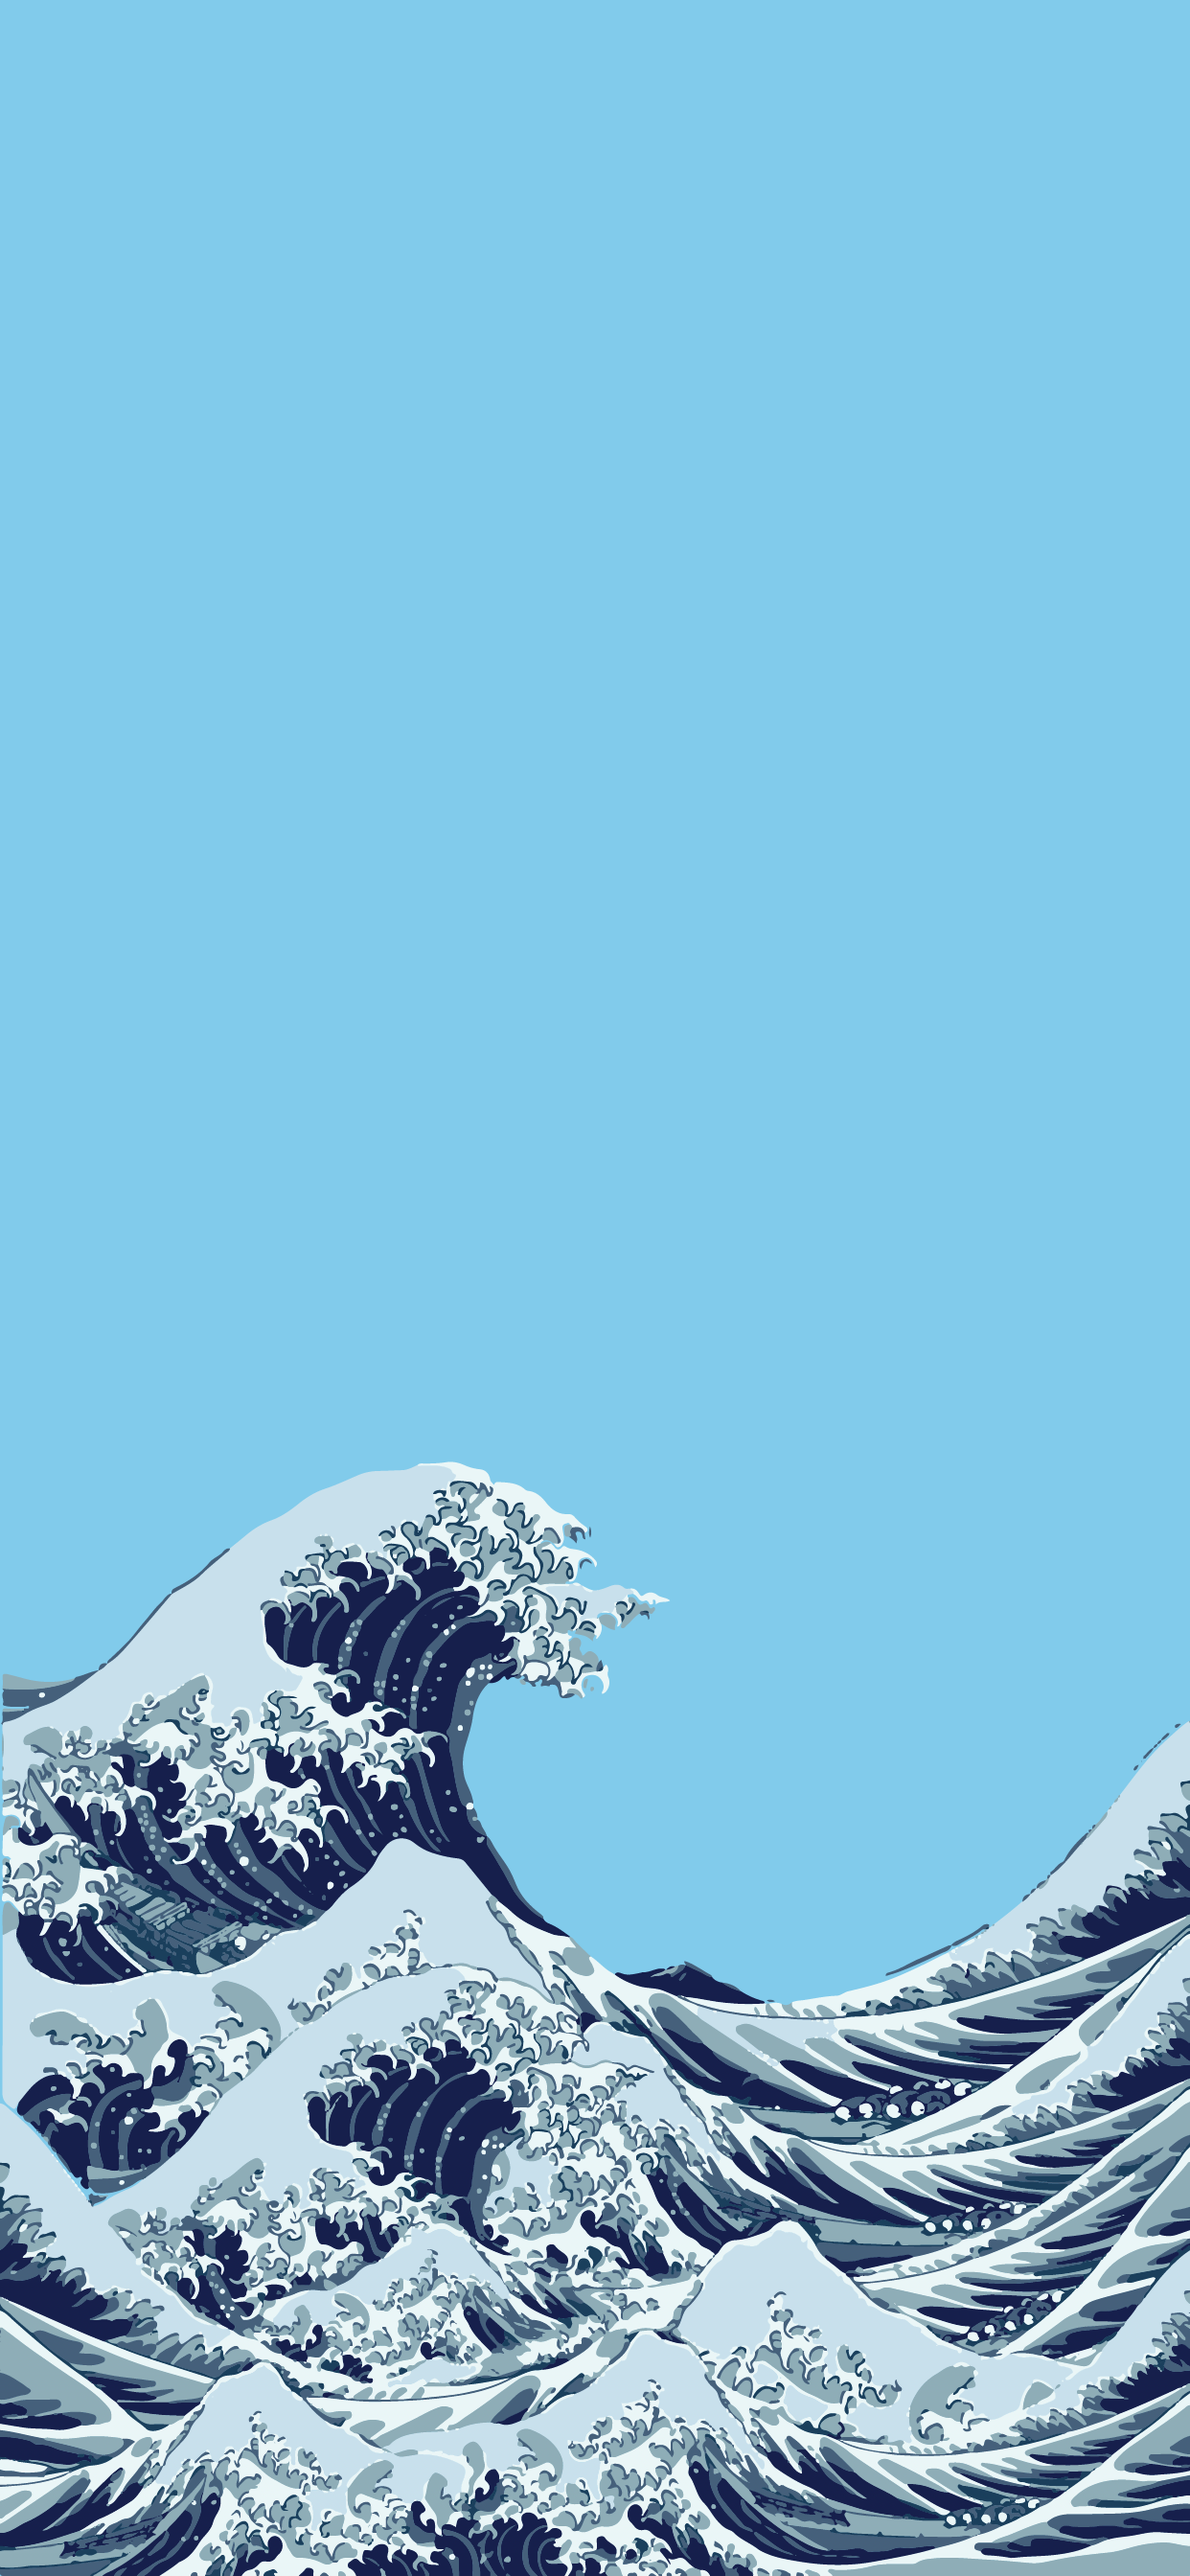 Thirty-six Views of Mount Fuji beautiful modify wallpaper hd for mobile phone